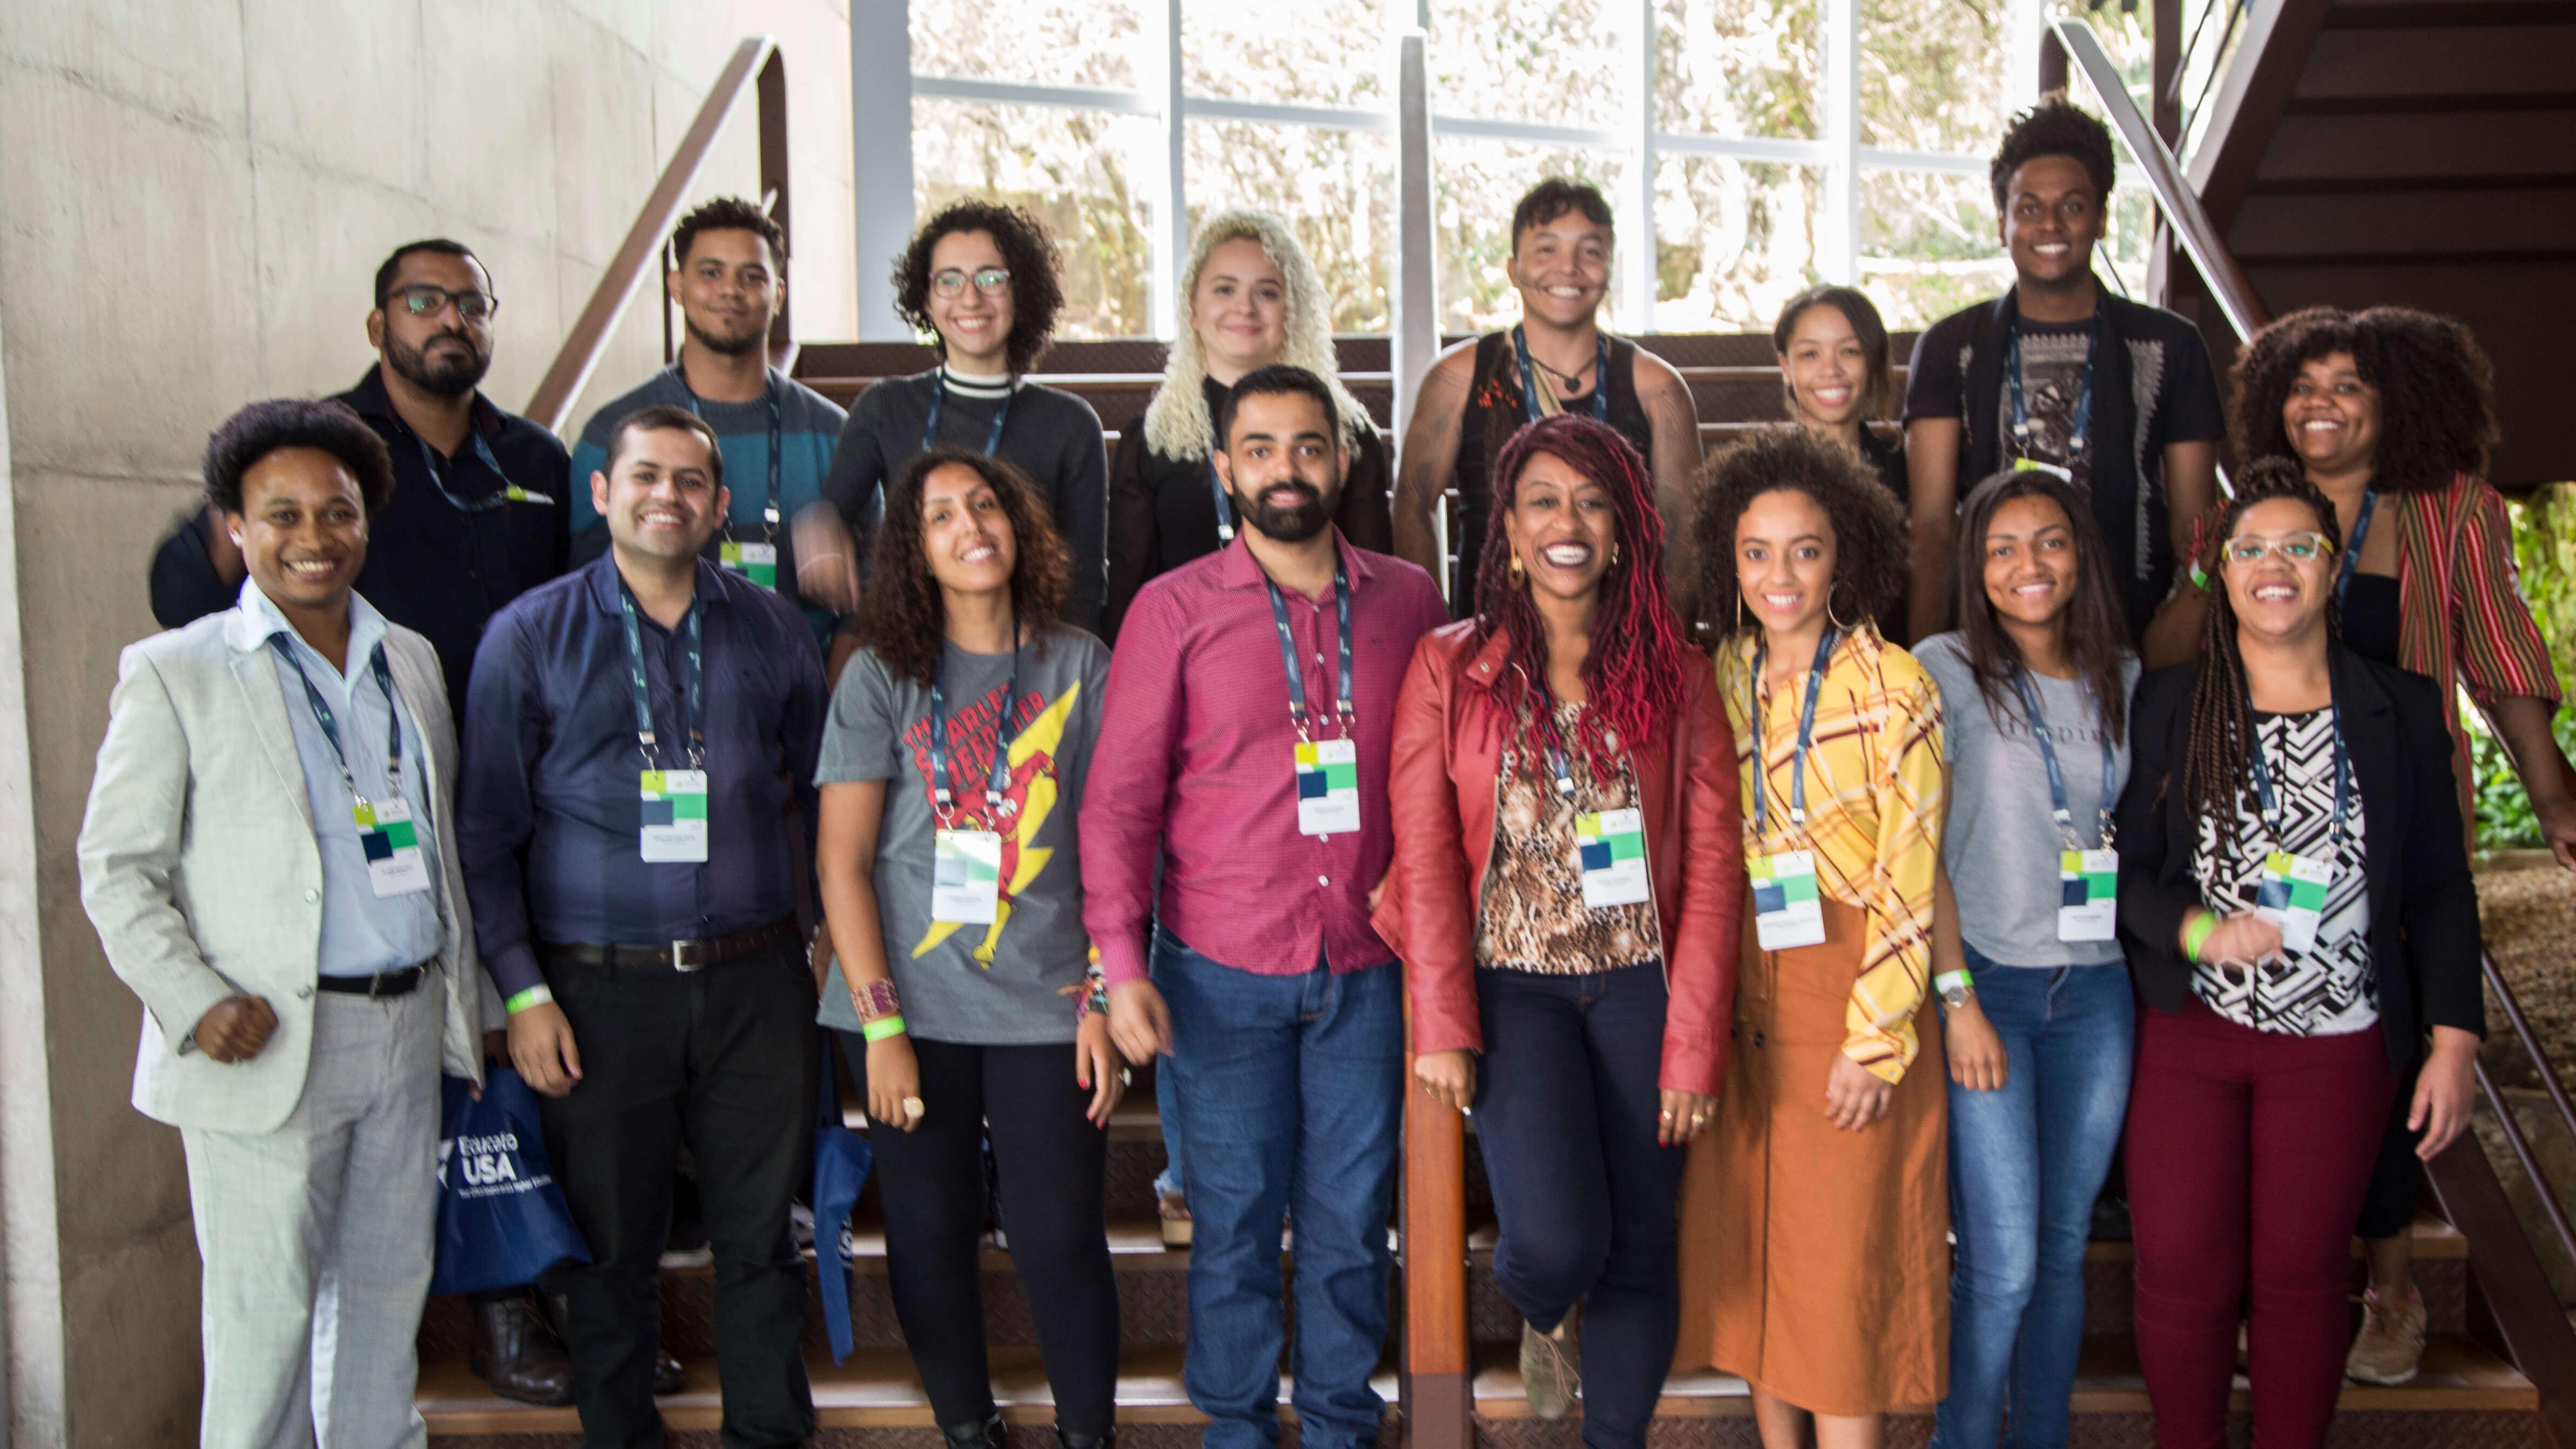 Brasileiros realizam o sonho de fazer pós-graduação nos EUA